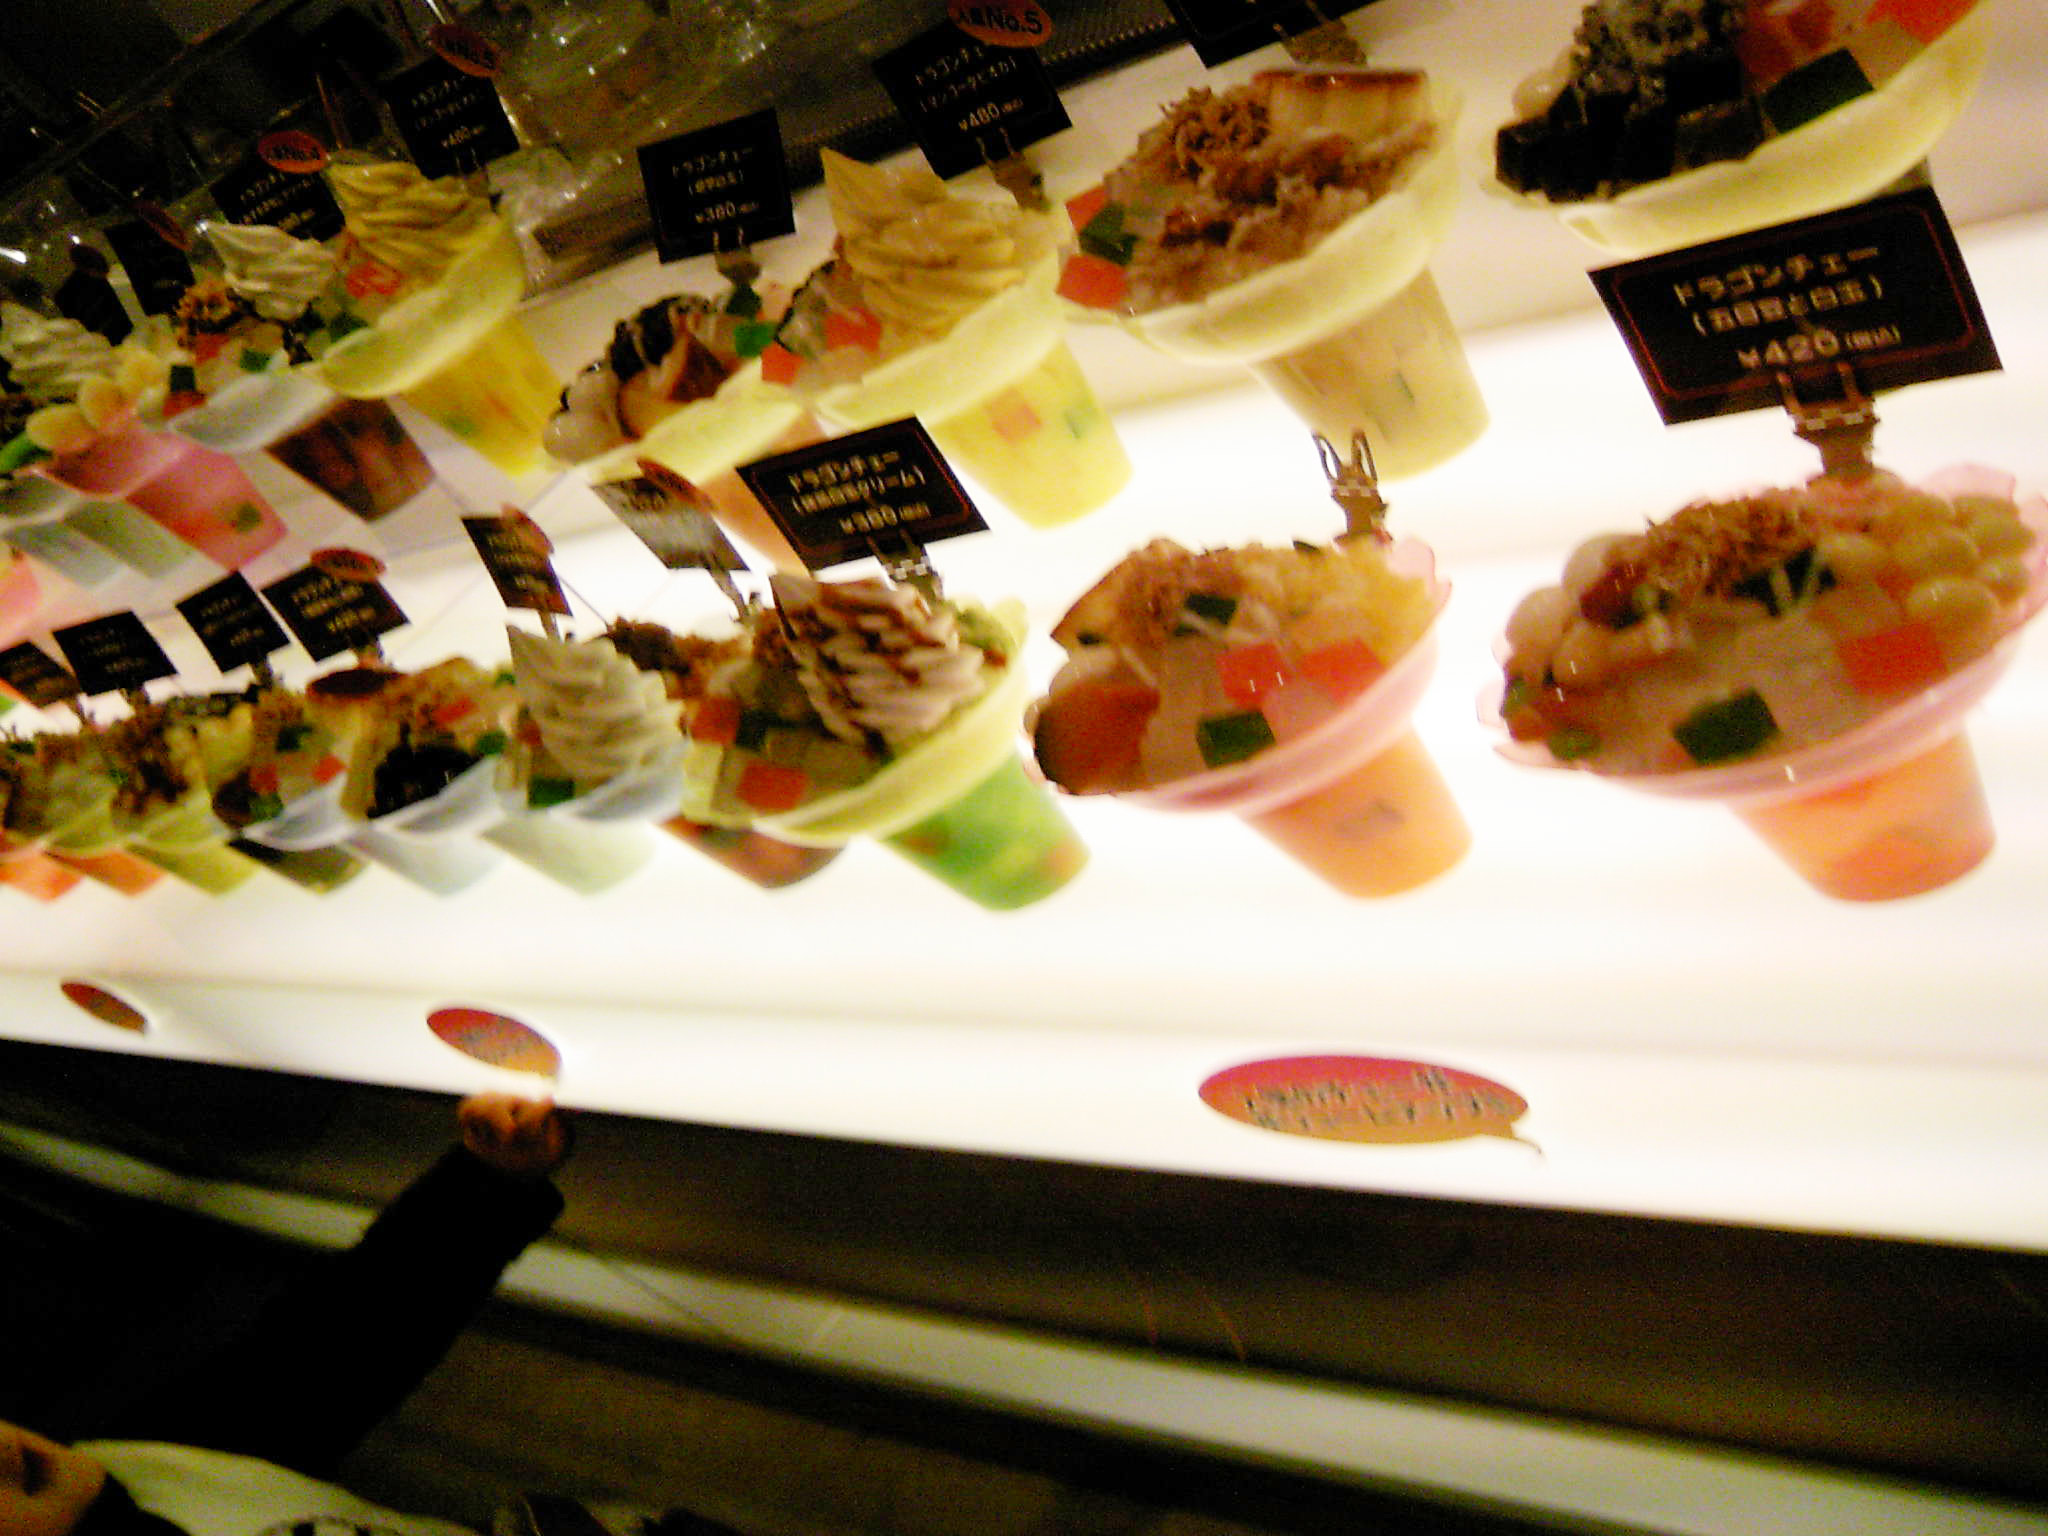 神戸ハーバーランドのアイスクリーム屋さんだったかな?